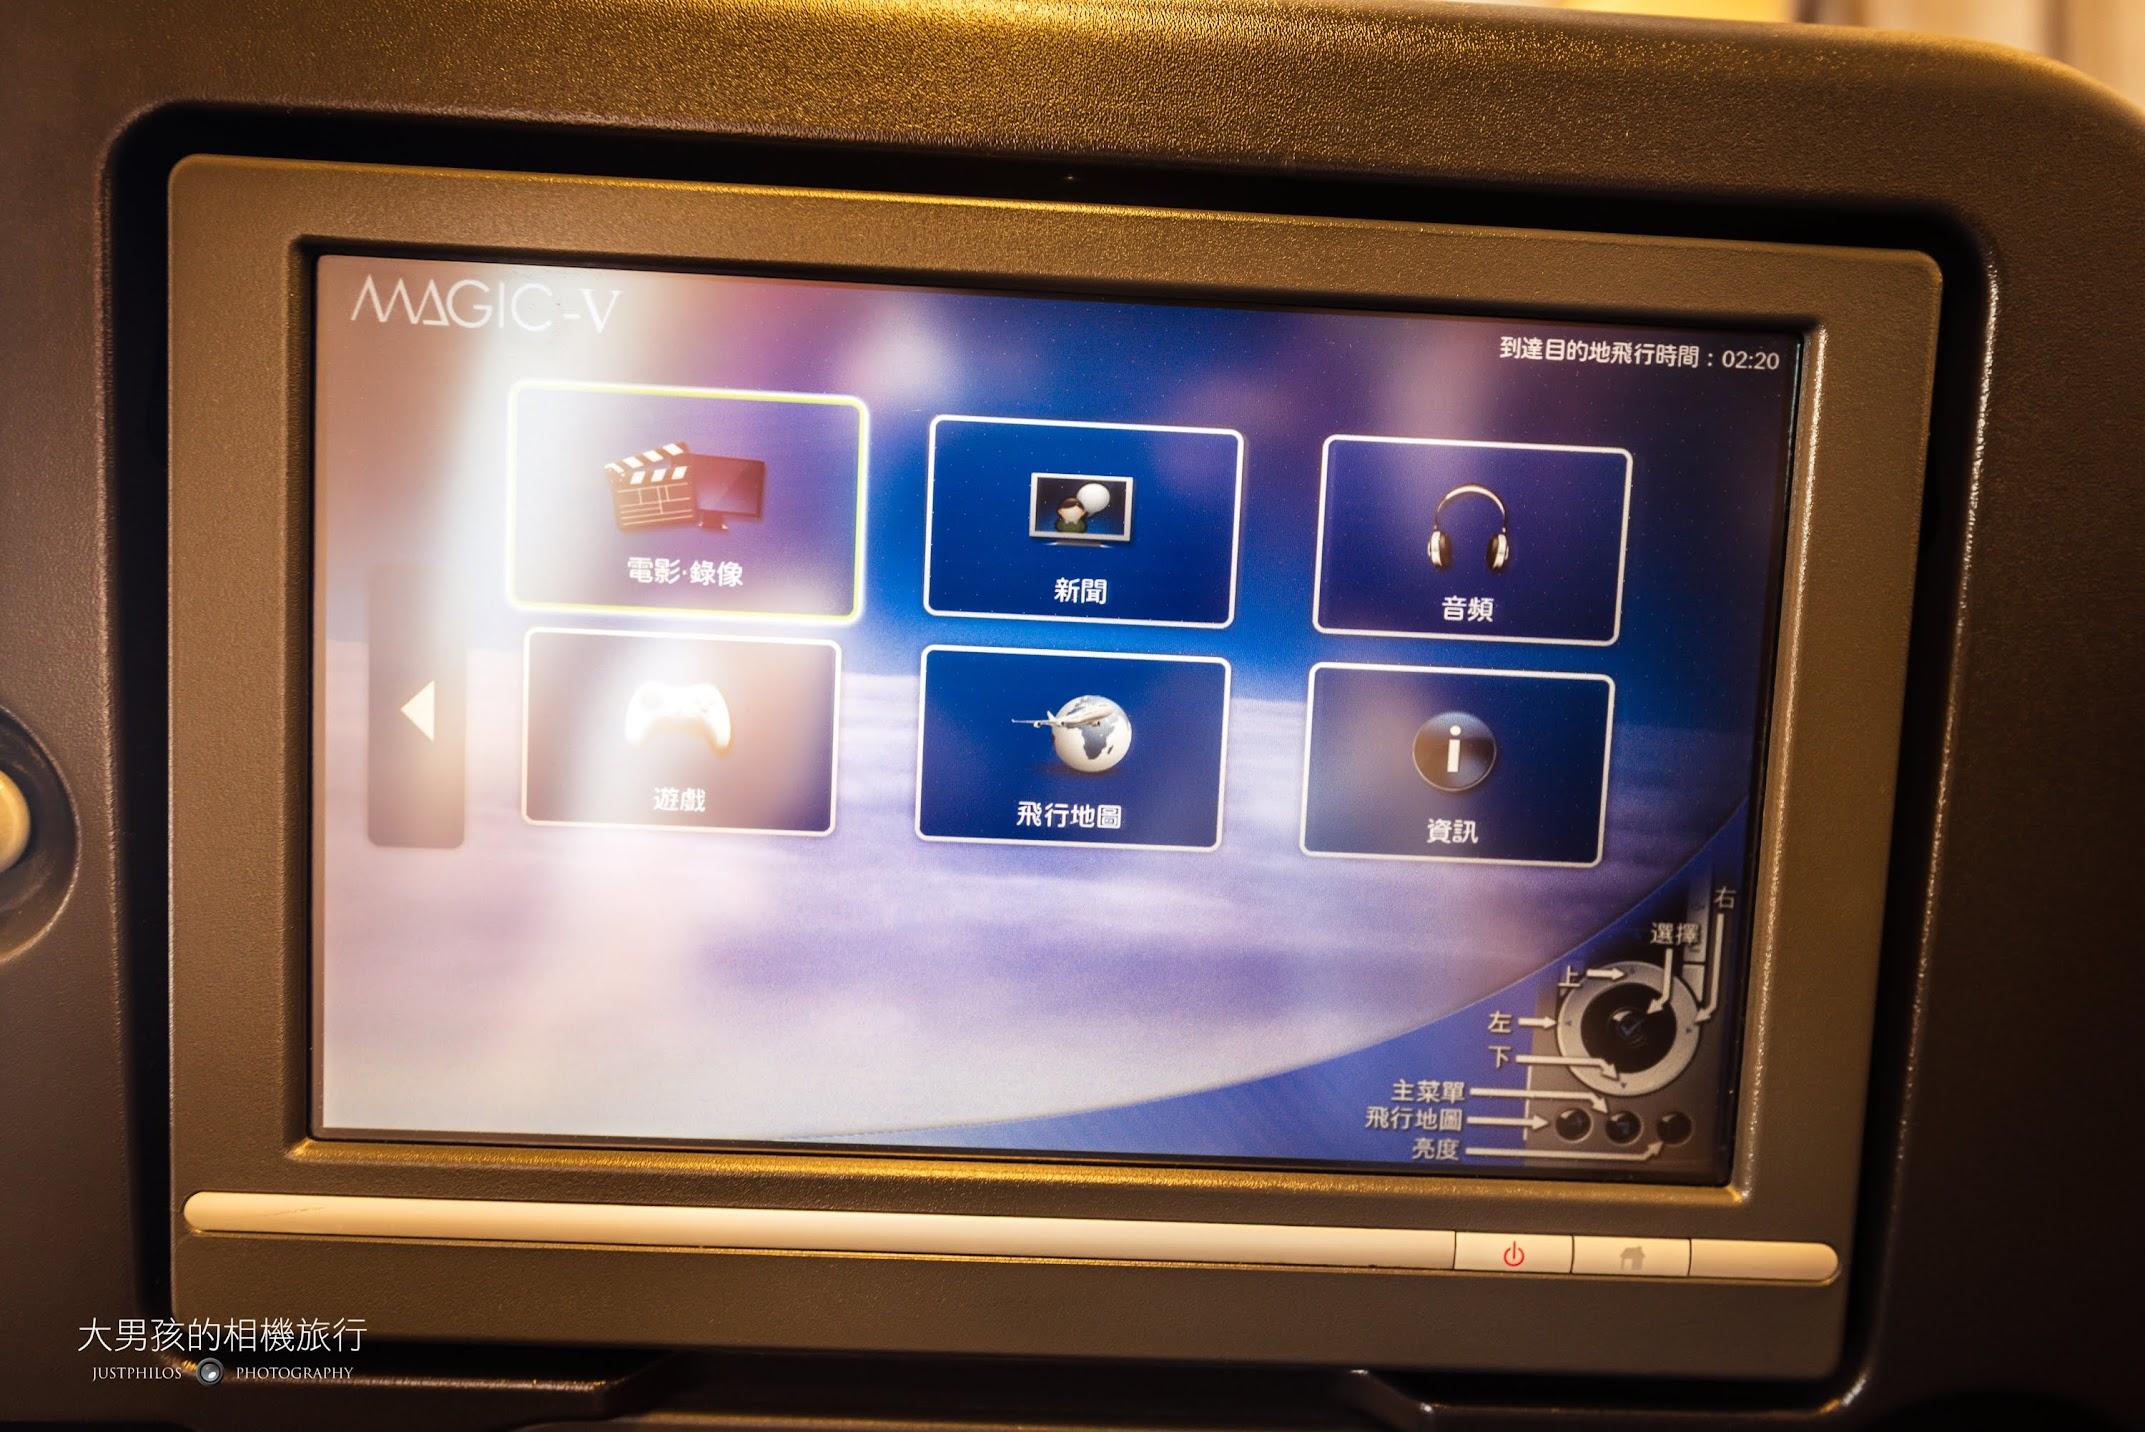 日航JAL SKY SUITE新艙的AVOD螢幕相當清晰,是具現代新機的規格。